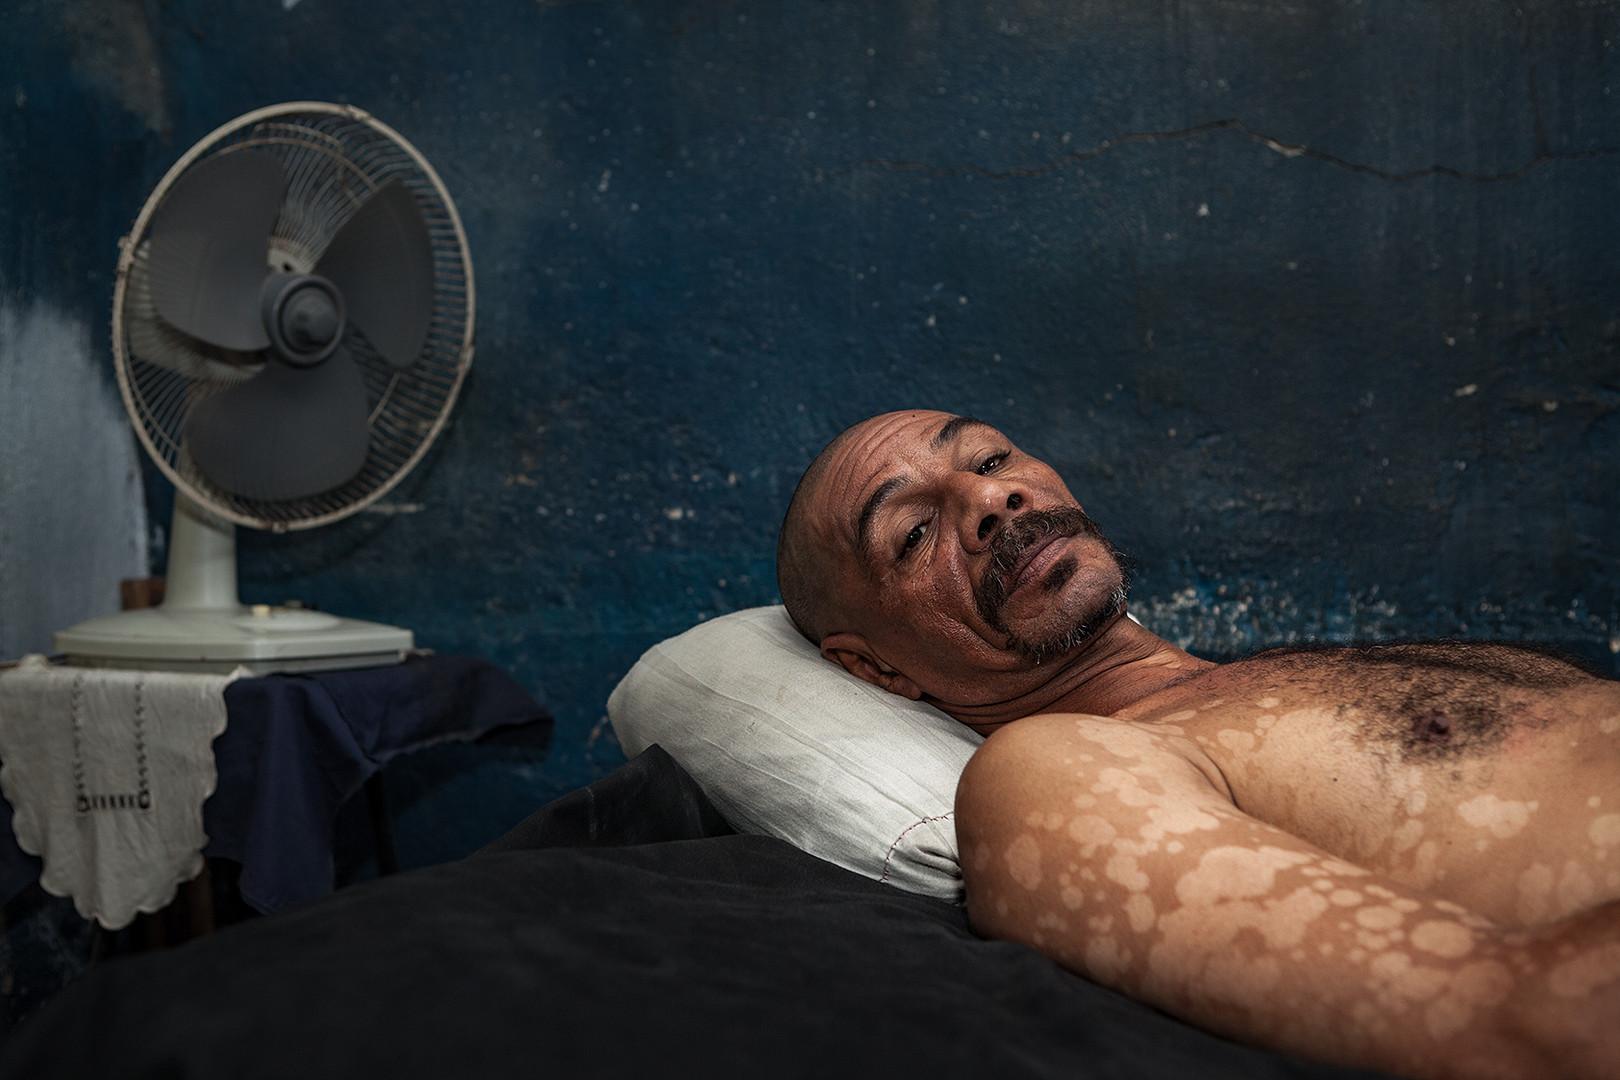 Der Ventilator verschafft Kühlung und hält die Mücken fern, solange es Strom gibt. © 2012 Thomas Heckner Photographie